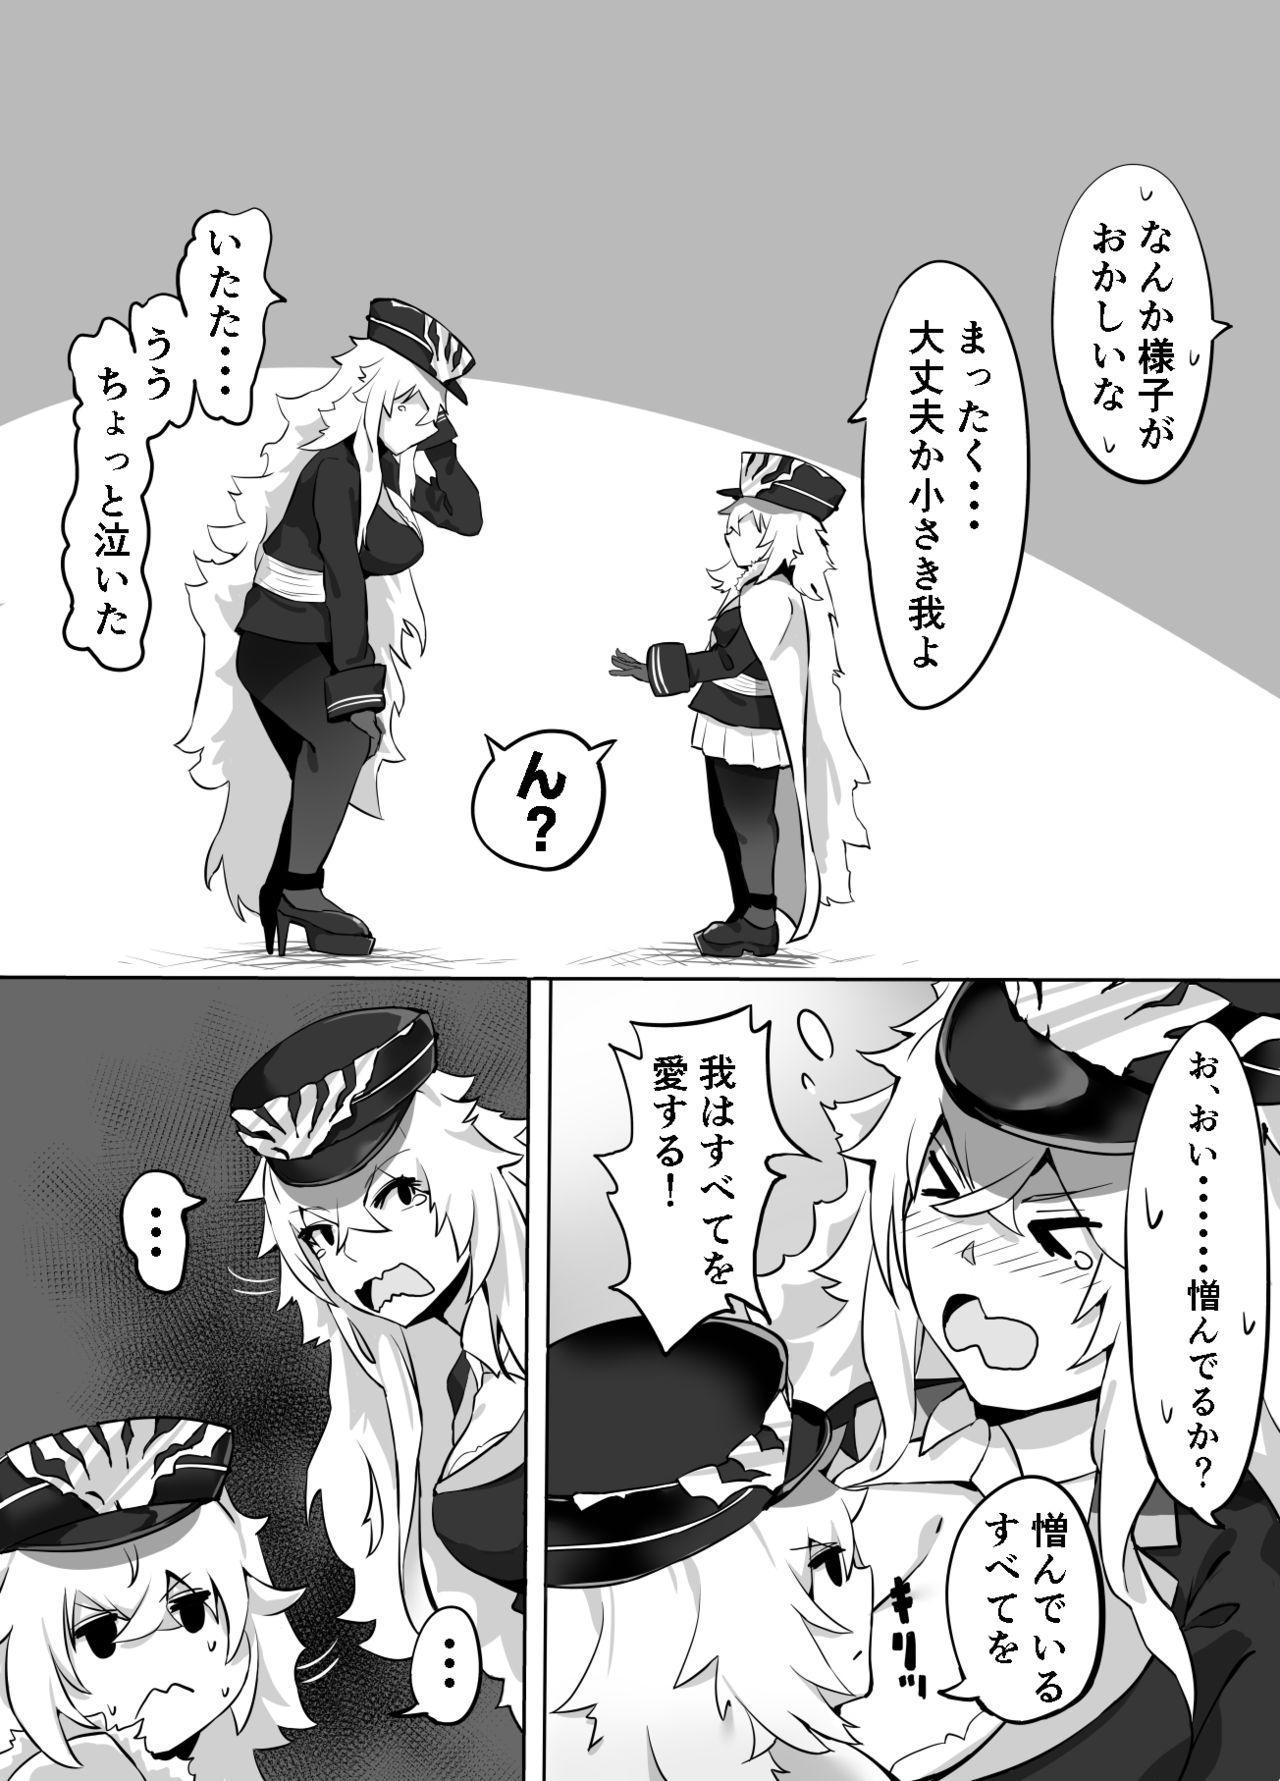 Futari no Nikusube no Tamashii ga Irekawari Anal 3P Sex Suru Hon 6